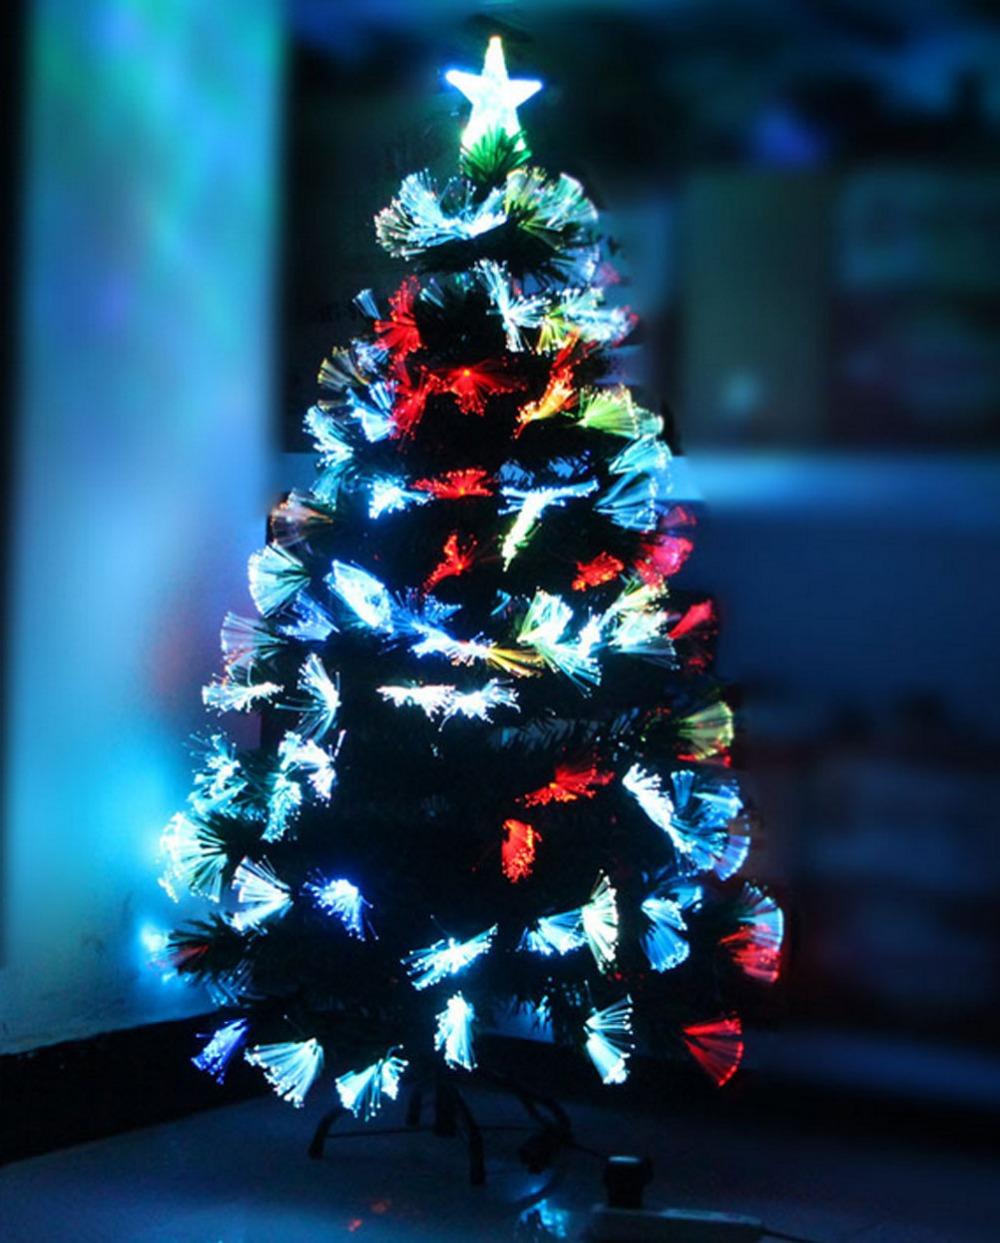 180 cm nuevo llega decoraci n del rbol de navidad con la luz llevada colorida de fibra